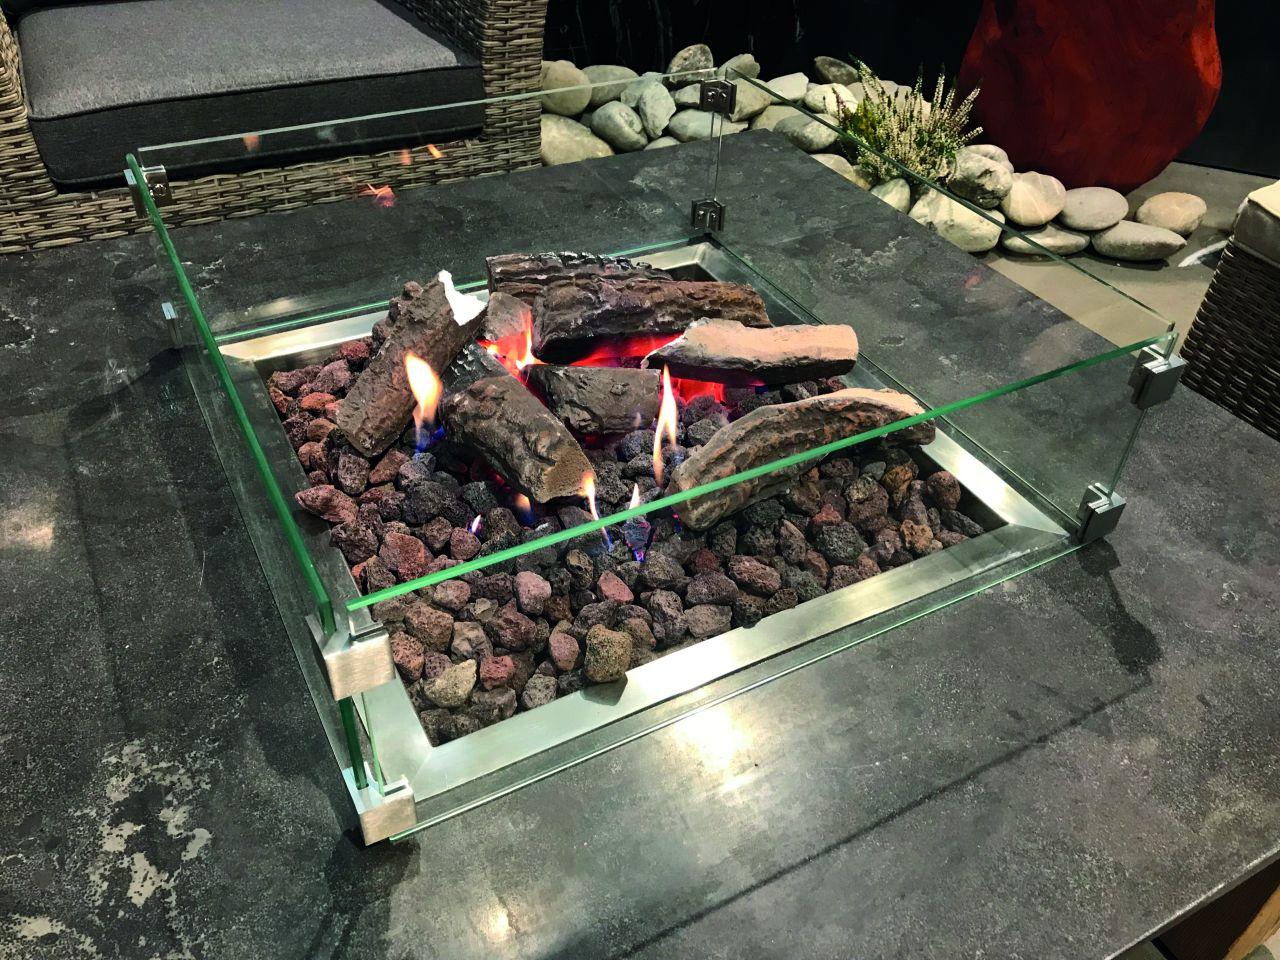 Schutzglas für Feuertisch Ätna-Pompeji